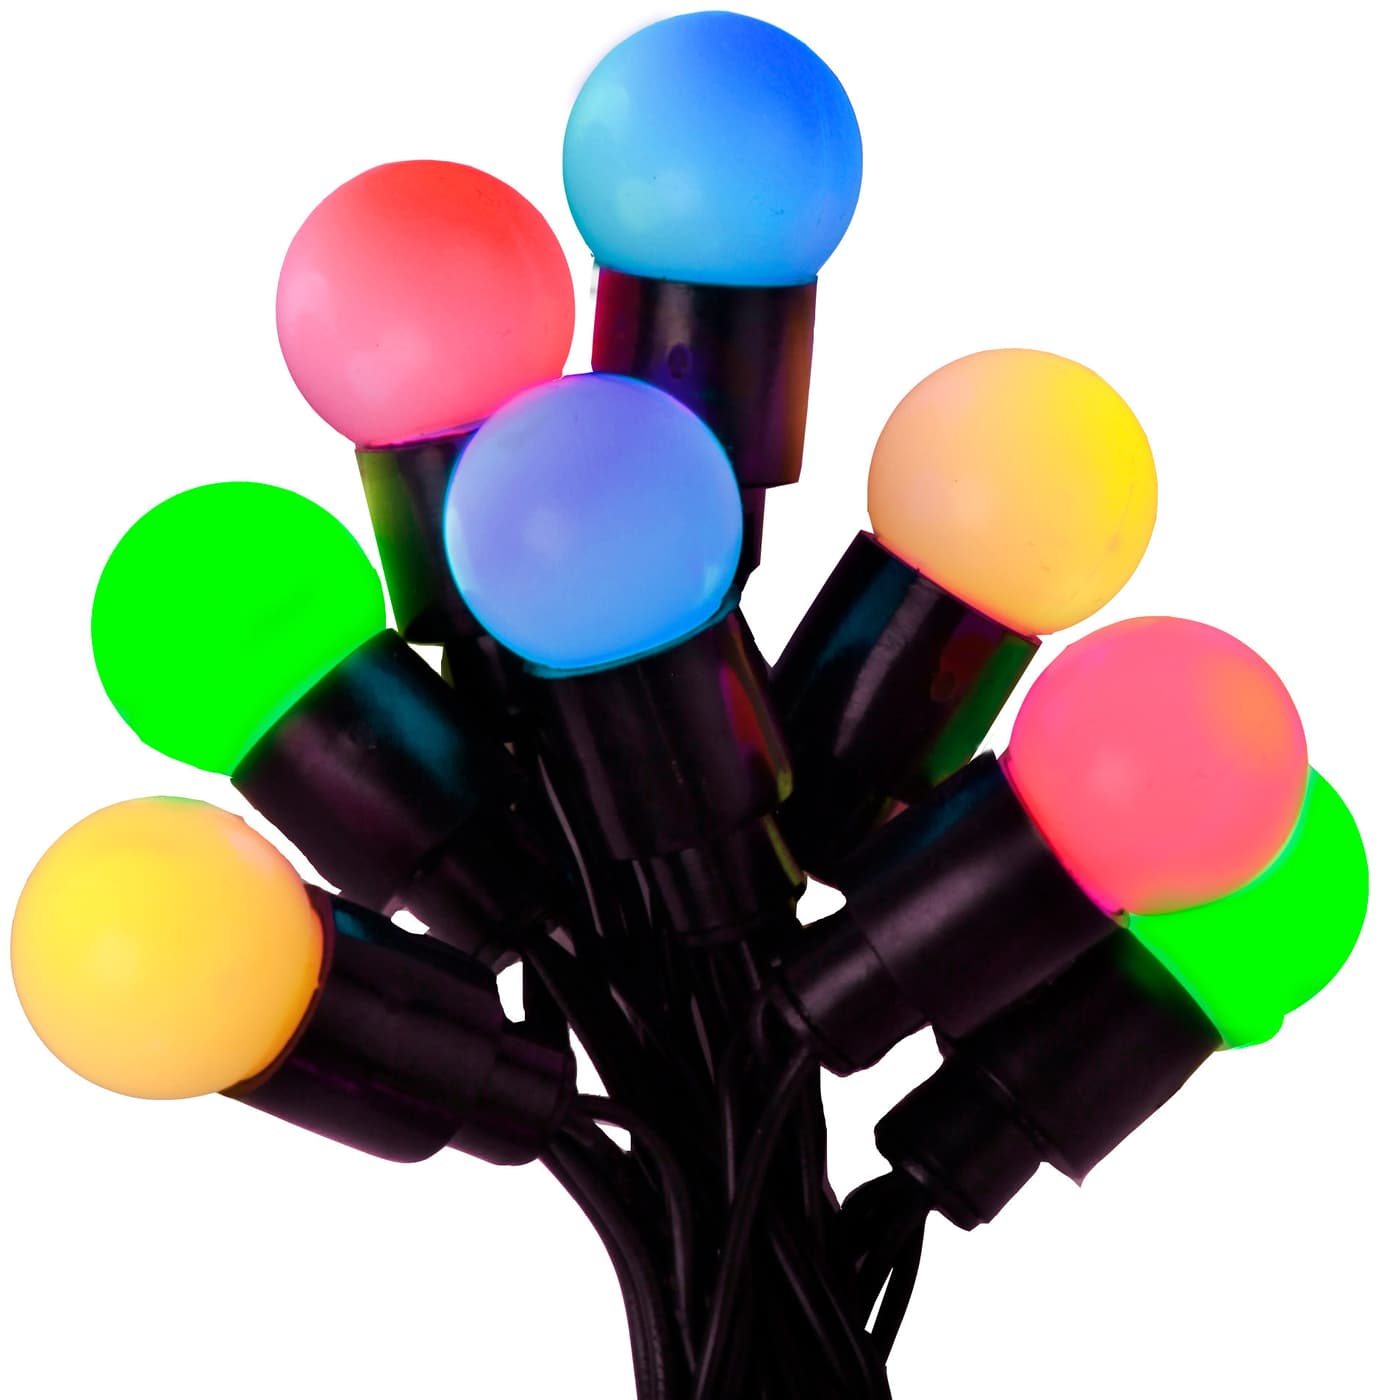 led party lichterkette 20 leds migros. Black Bedroom Furniture Sets. Home Design Ideas